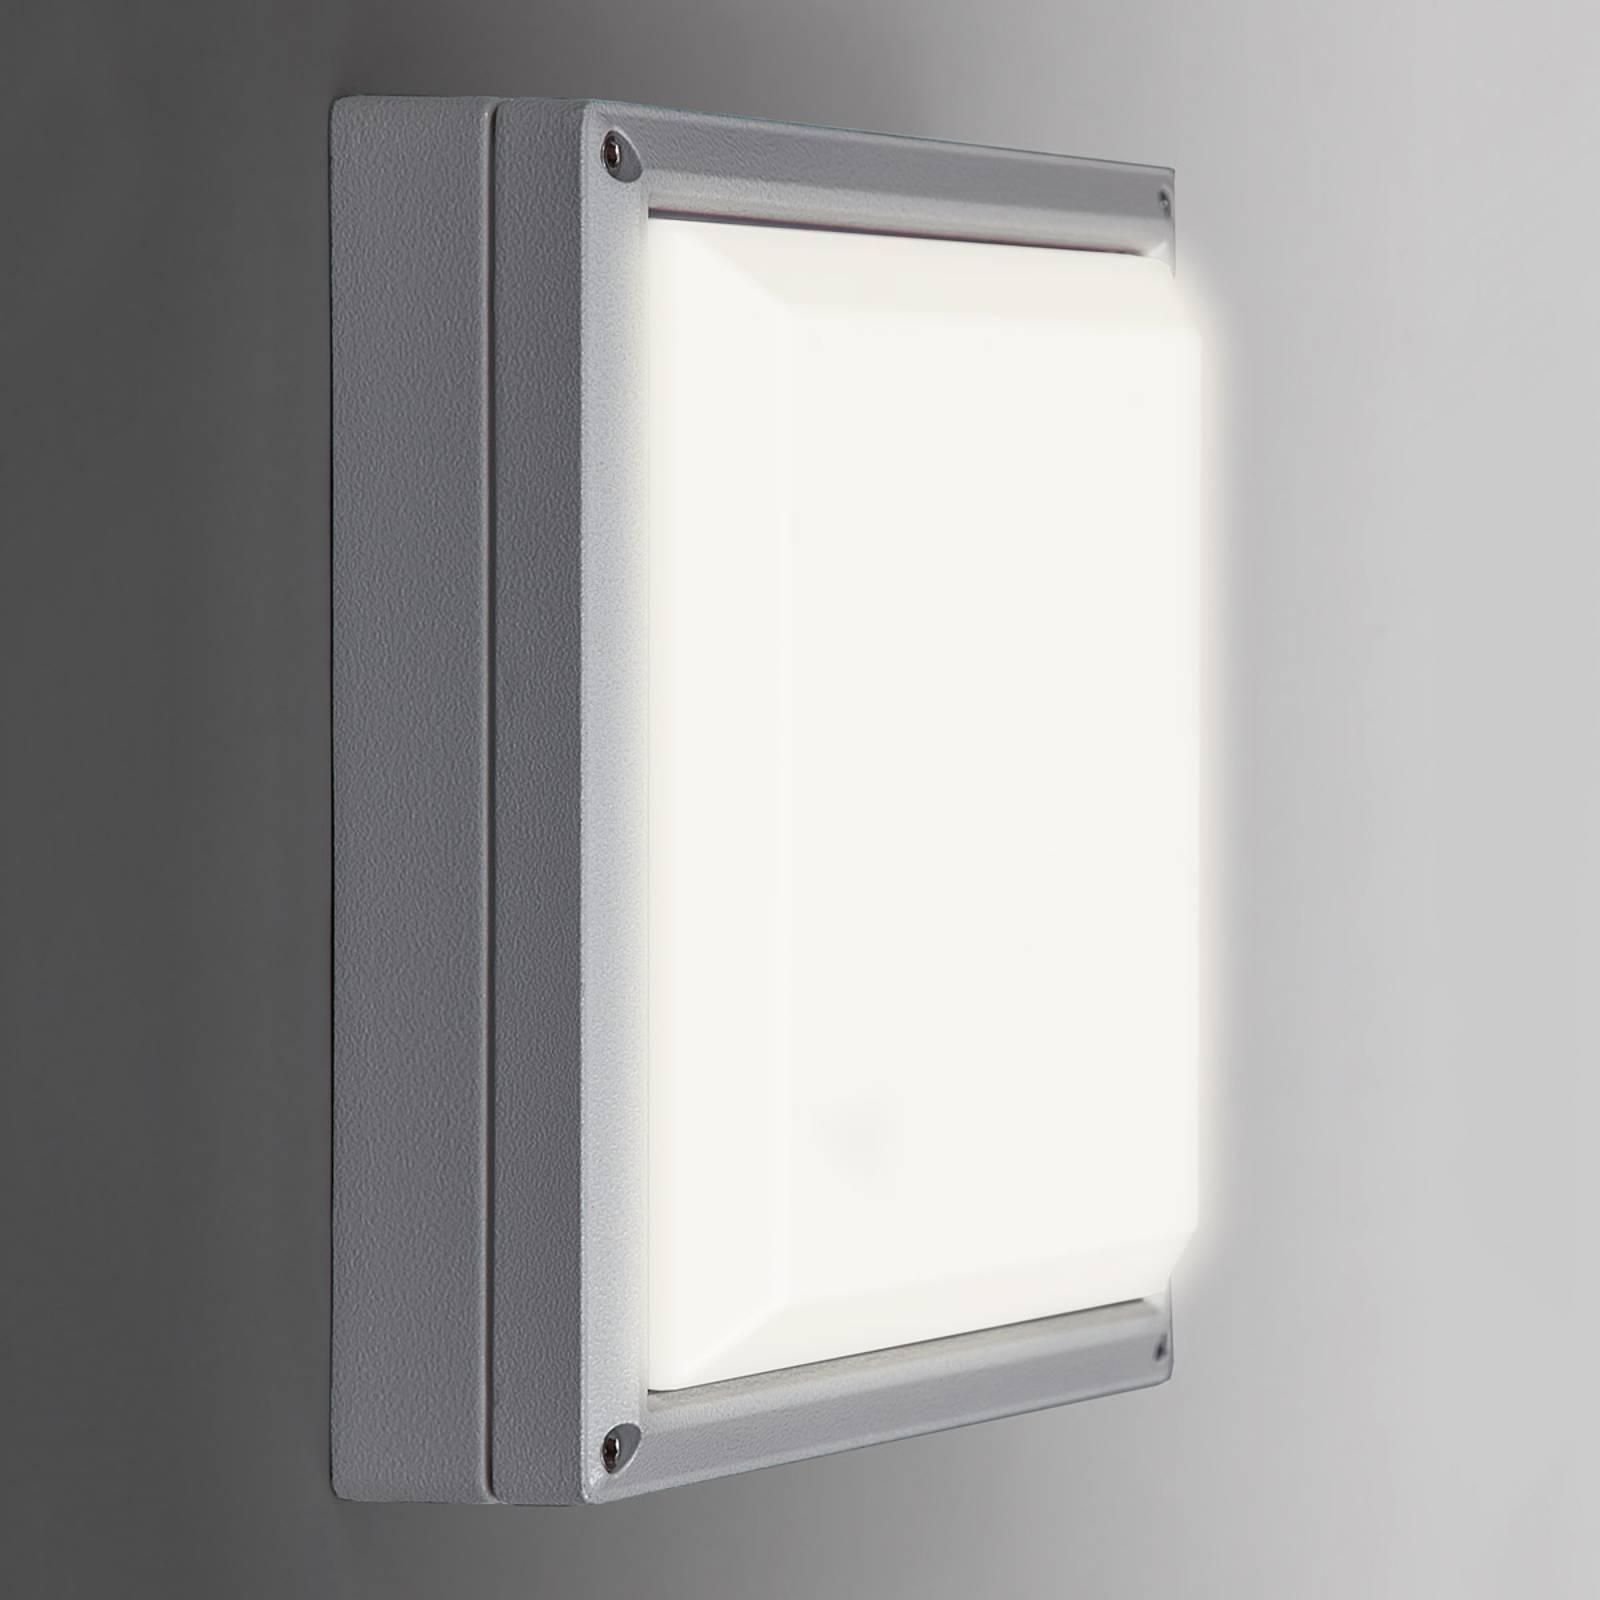 LED-seinävalaisin SUN 11, 13 W, vaaleanharmaa, 4 K